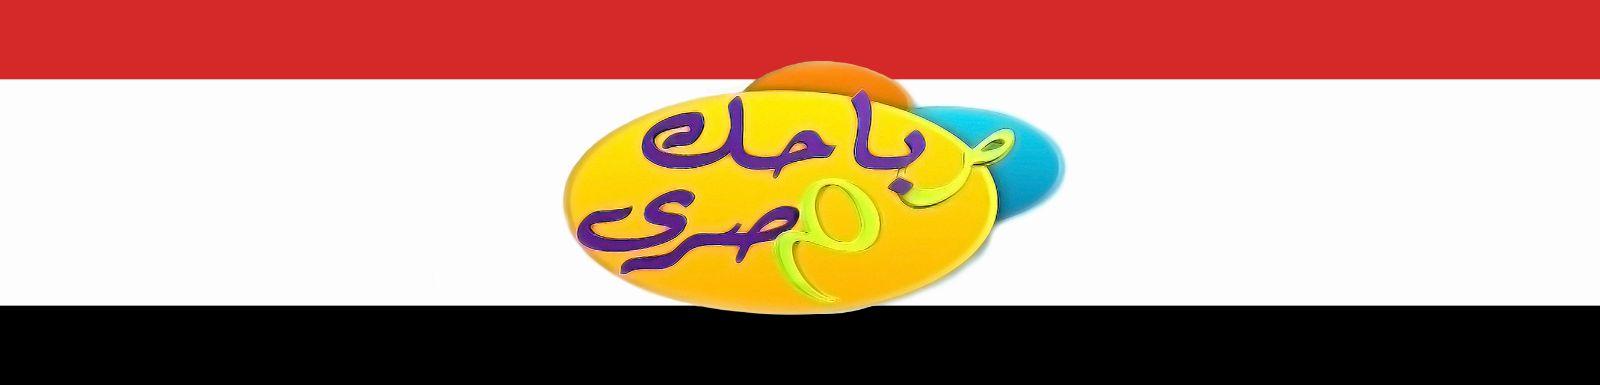 موعد وتوقيت عرض برنامج صباحك مصرى 2014 على قناة mbc masr 2